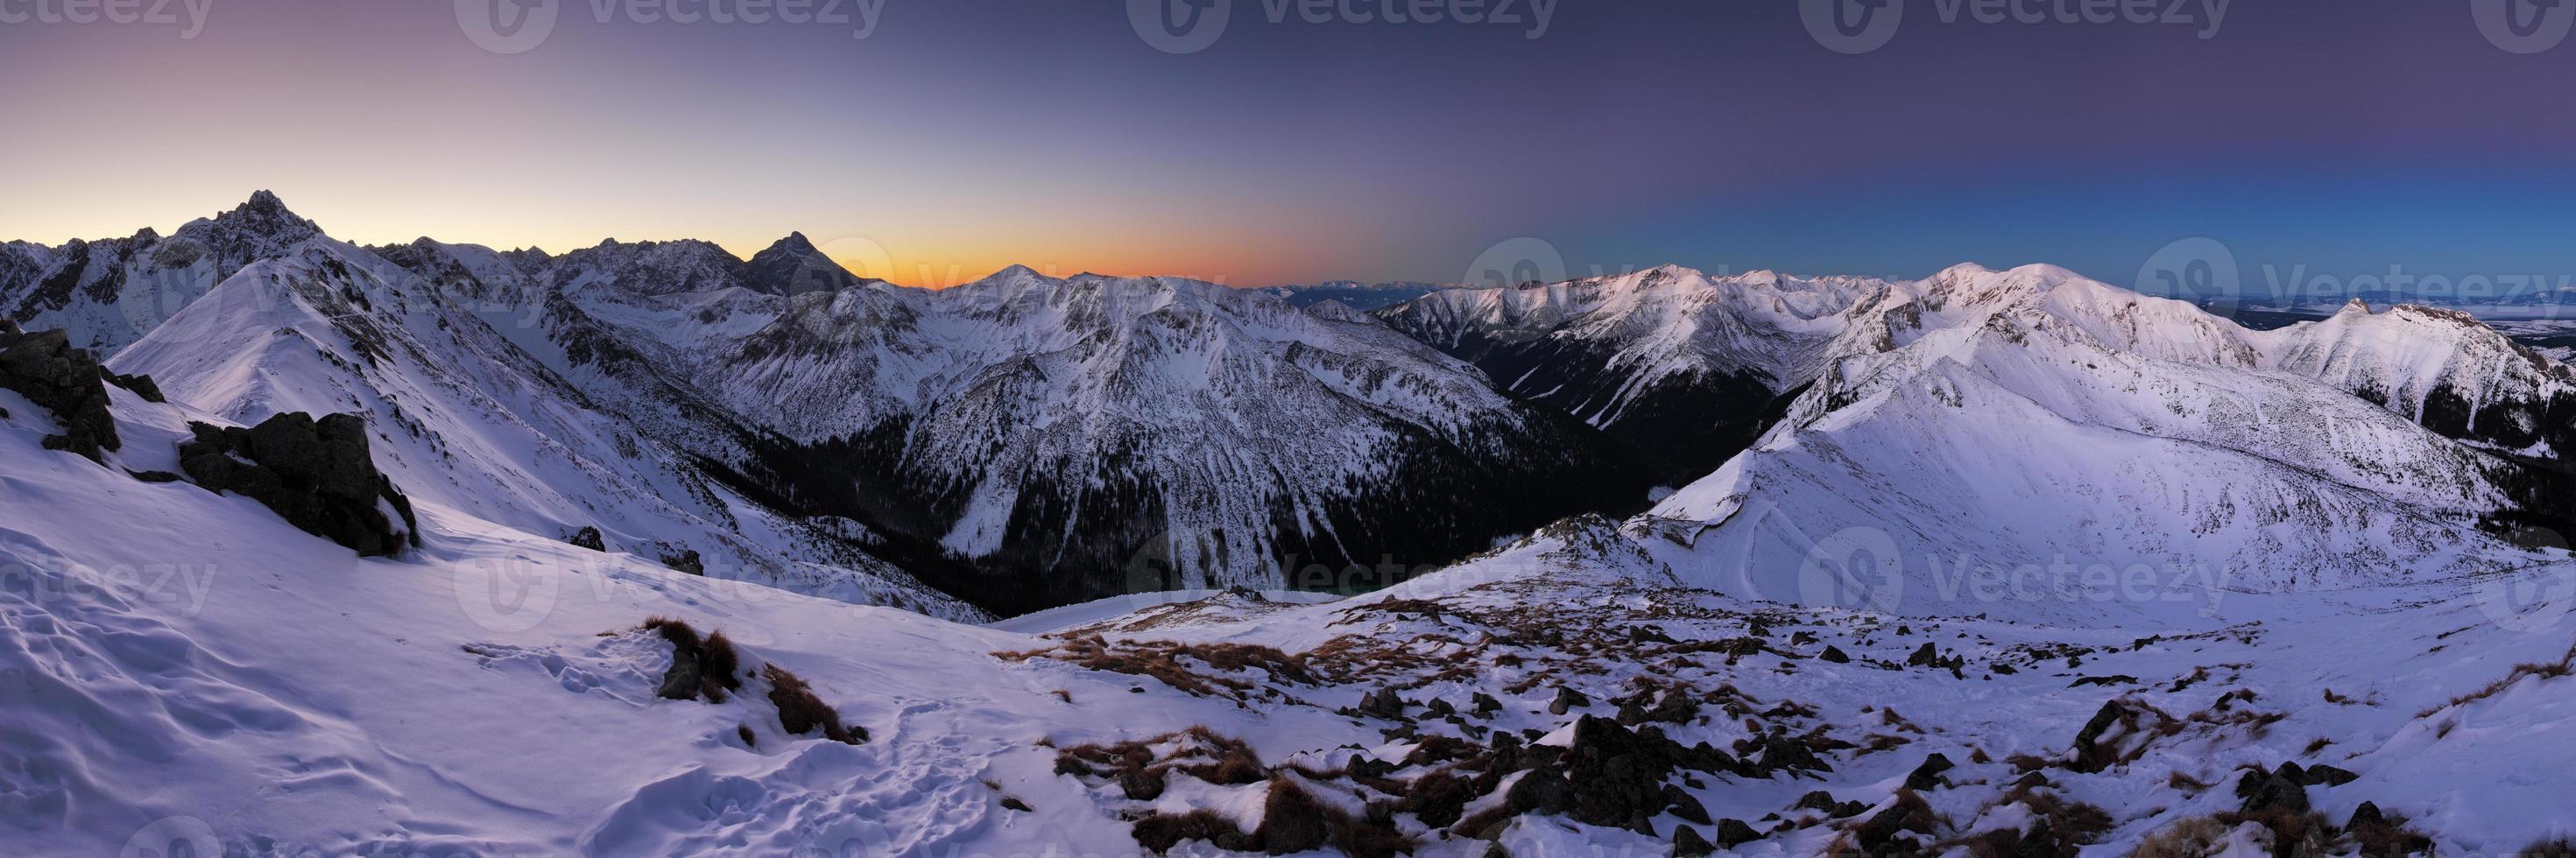 montagne d'hiver en pologne, kasprowy photo